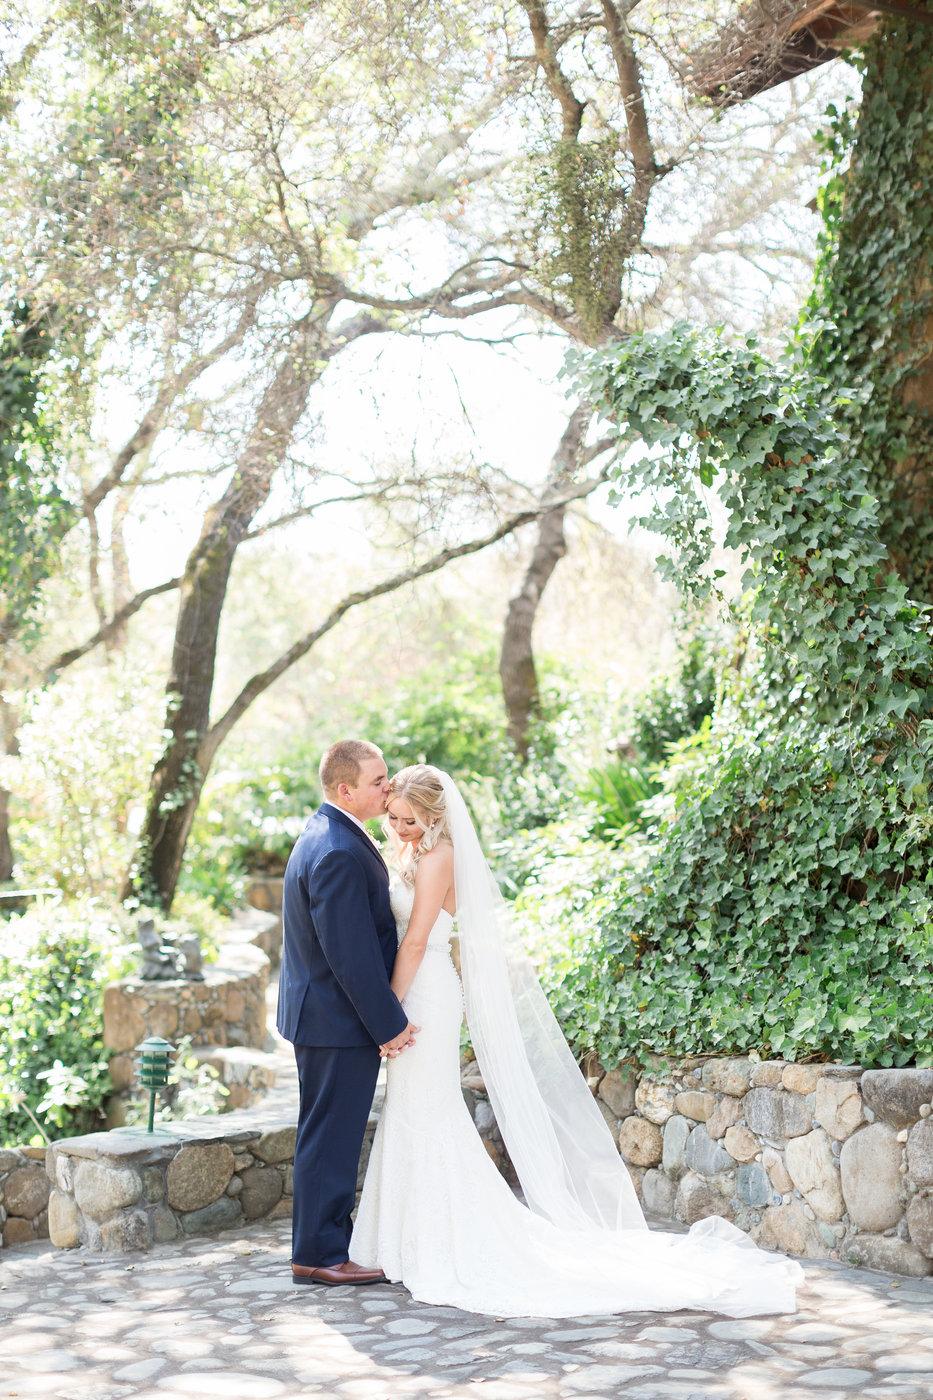 Centerville-estates-spring-wedding-photosjpg